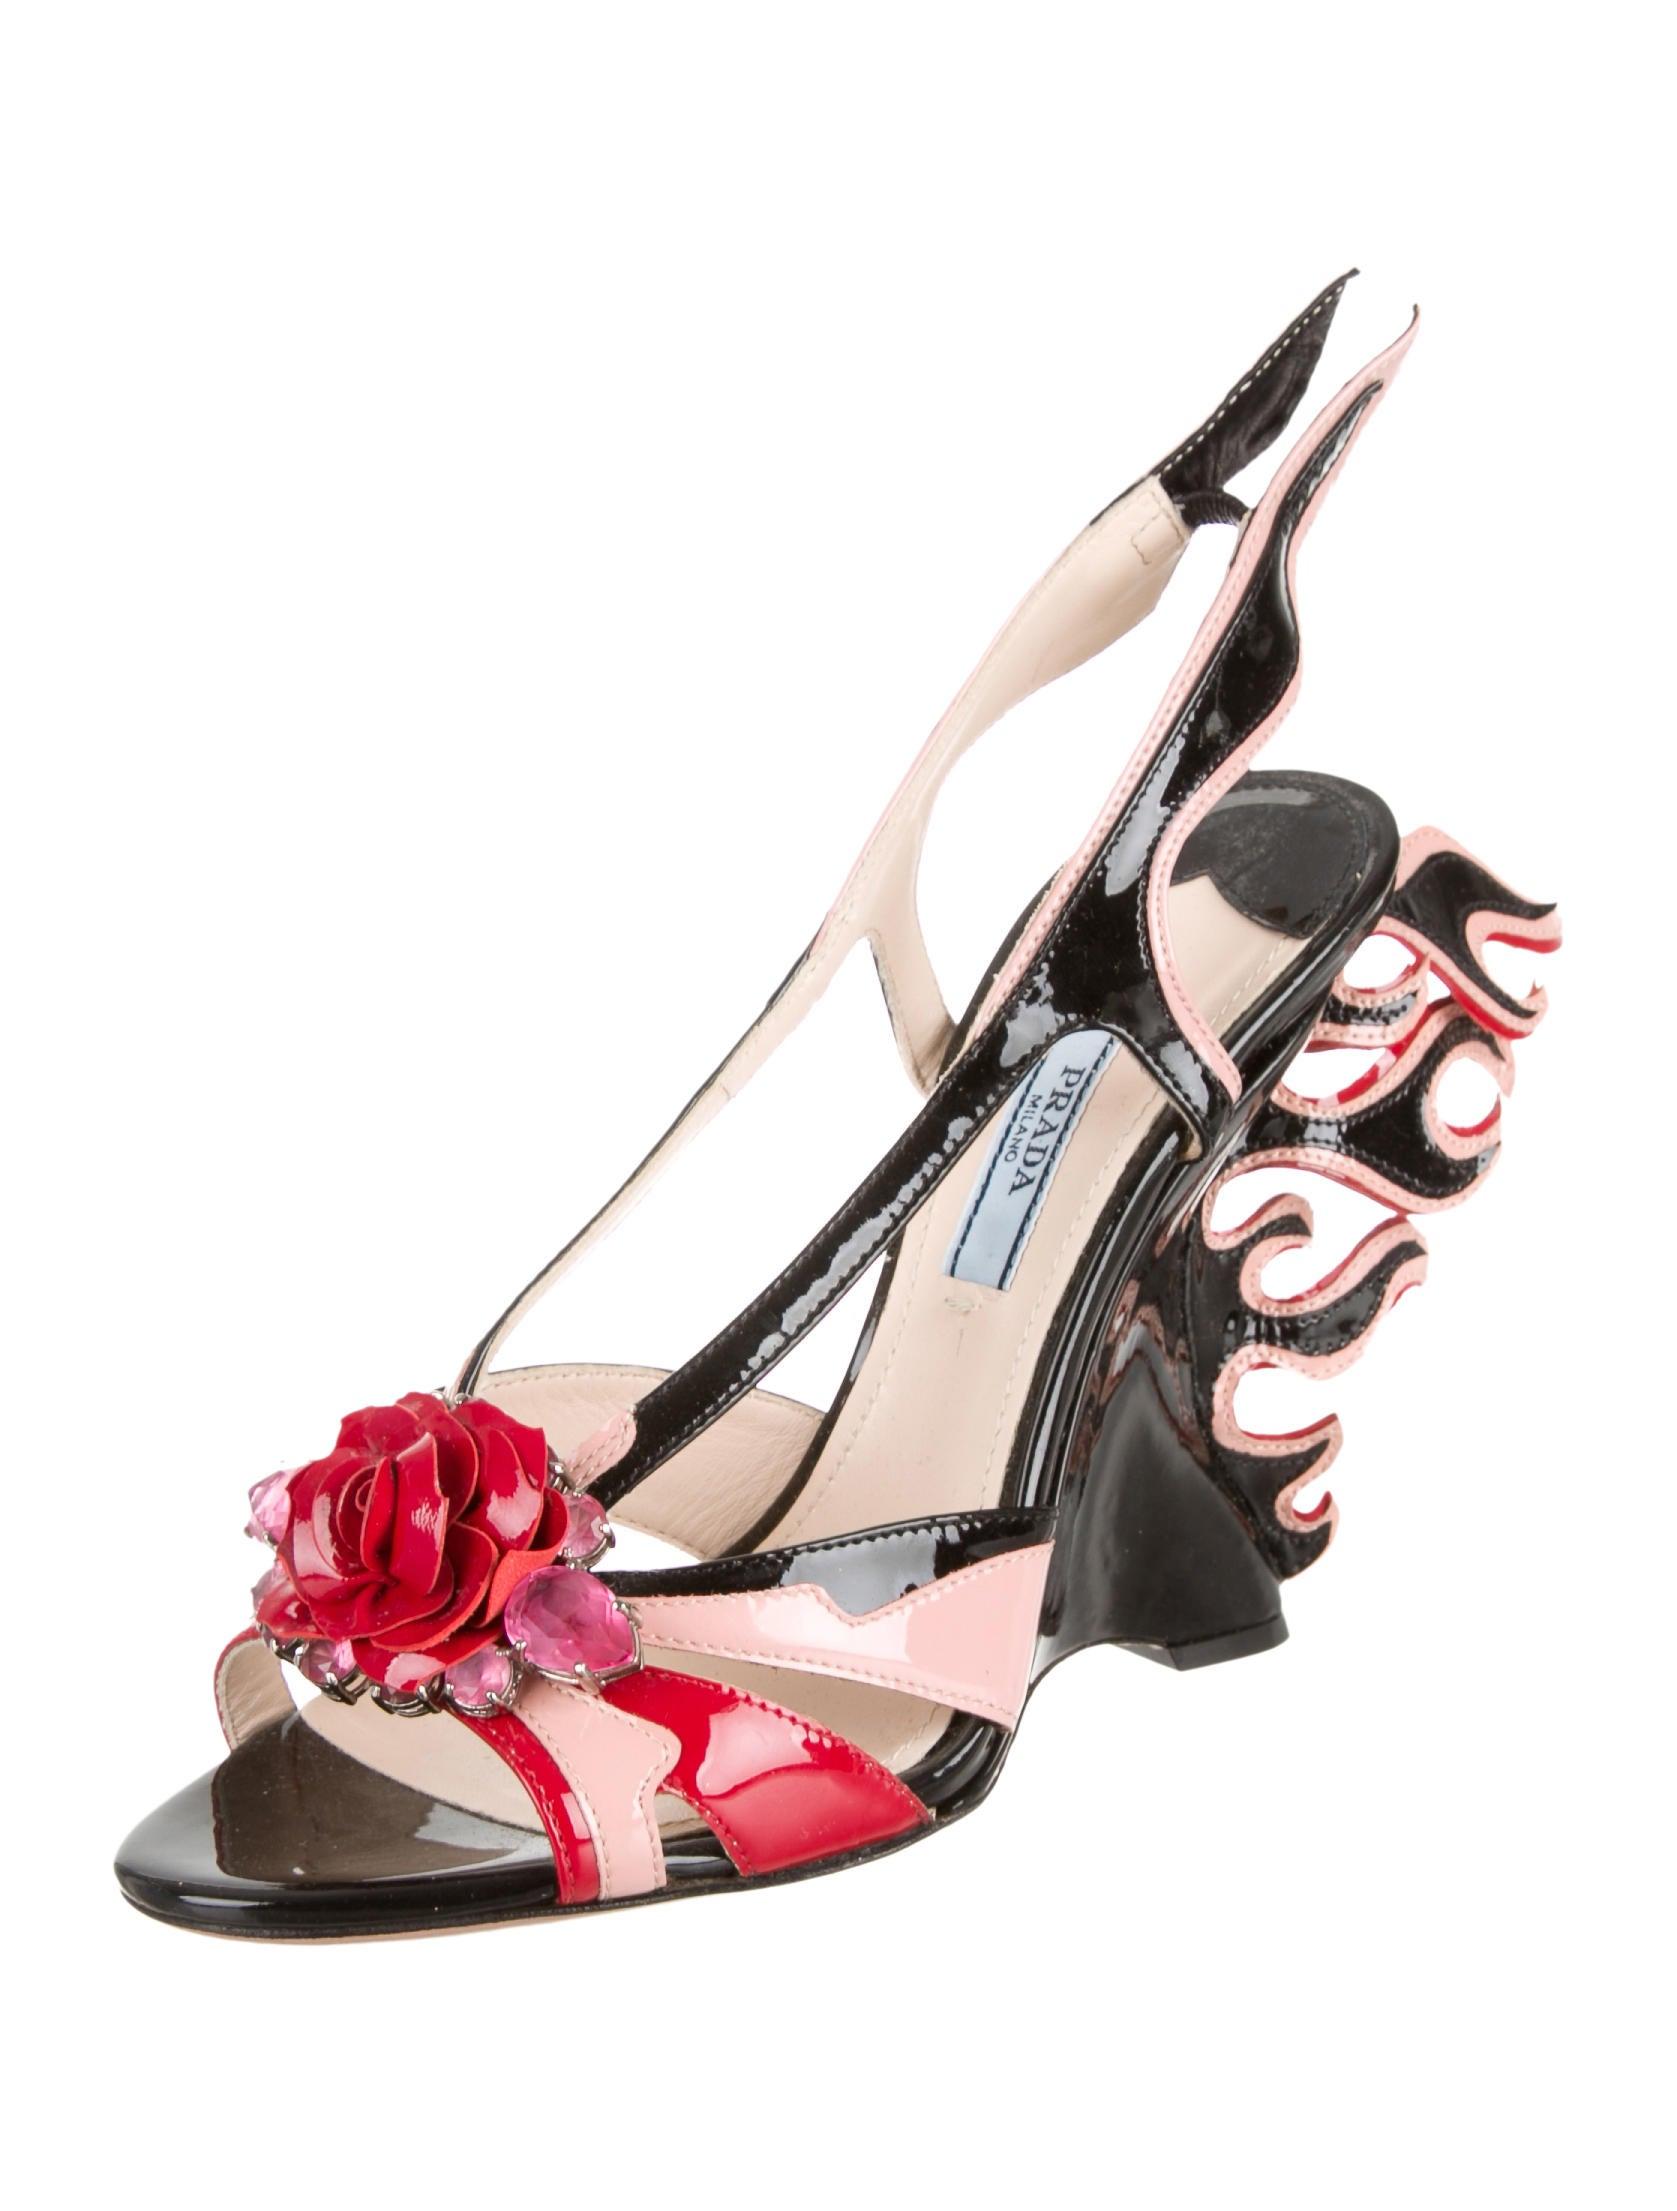 Prada Flame Wedge Sandals I4M2PxHFn4